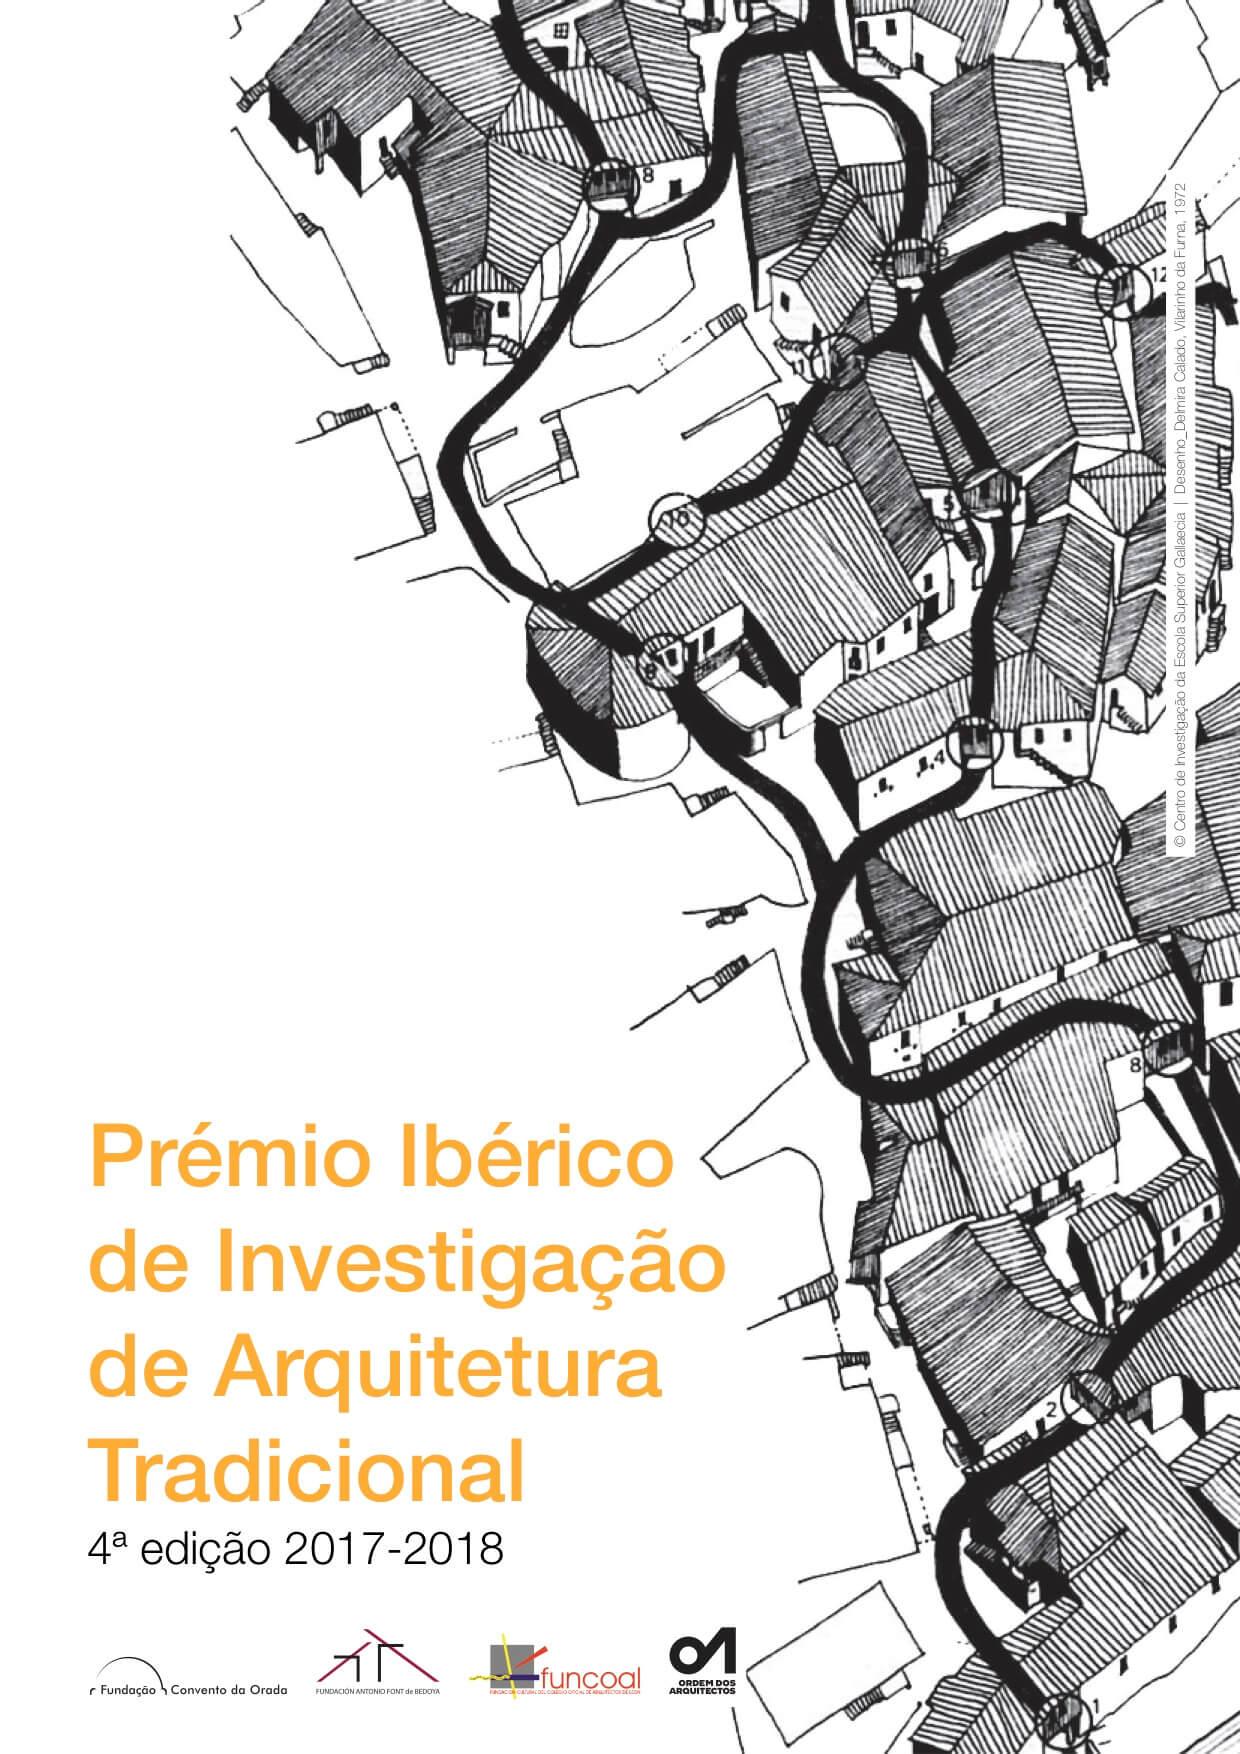 4ª edição do Prémio Ibérico 2017-2018